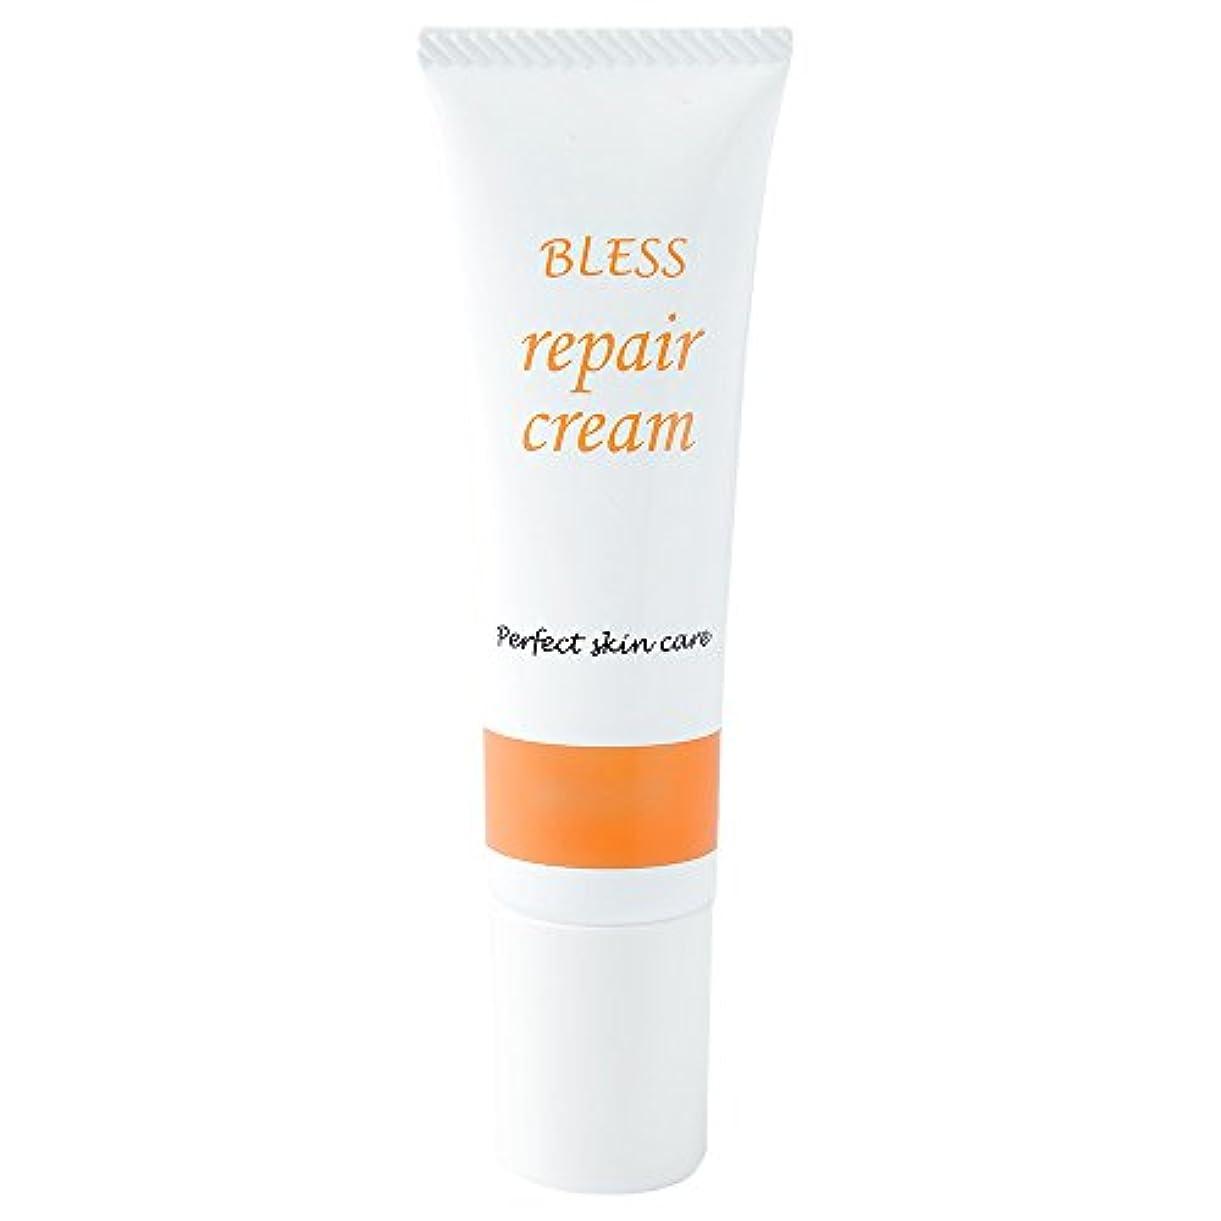 最大のお金合意【BLESS】 しわ 対策用 エイジング リペアクリーム 30g 無添加 抗シワ評価試験済み製品 日本製 美容液